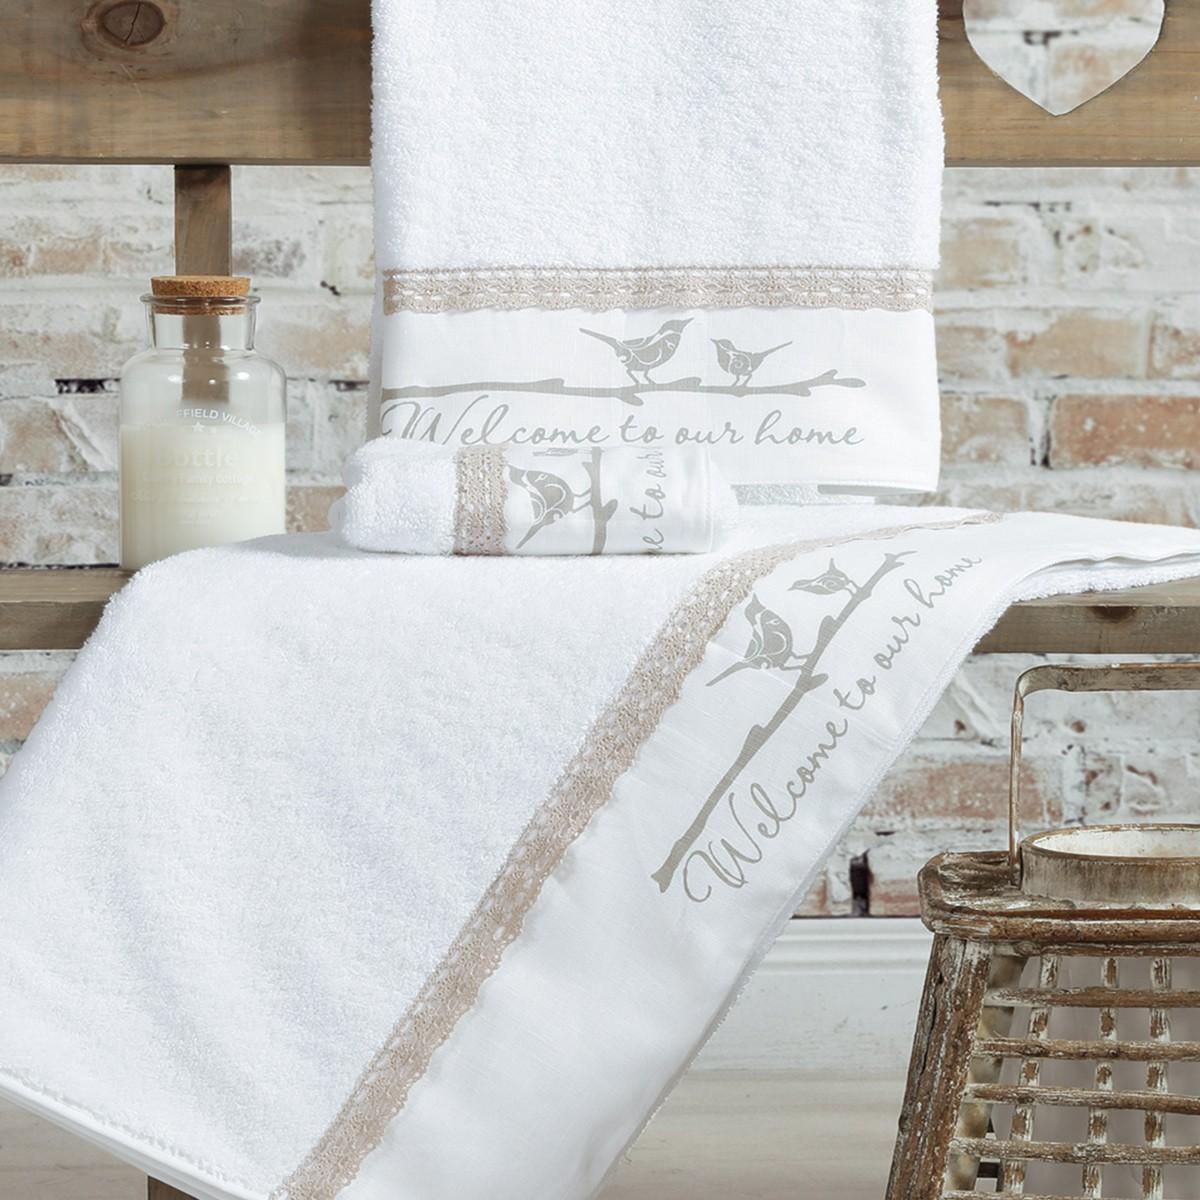 Πετσέτες Μπάνιου (Σετ 3τμχ) Nef-Nef Welcome